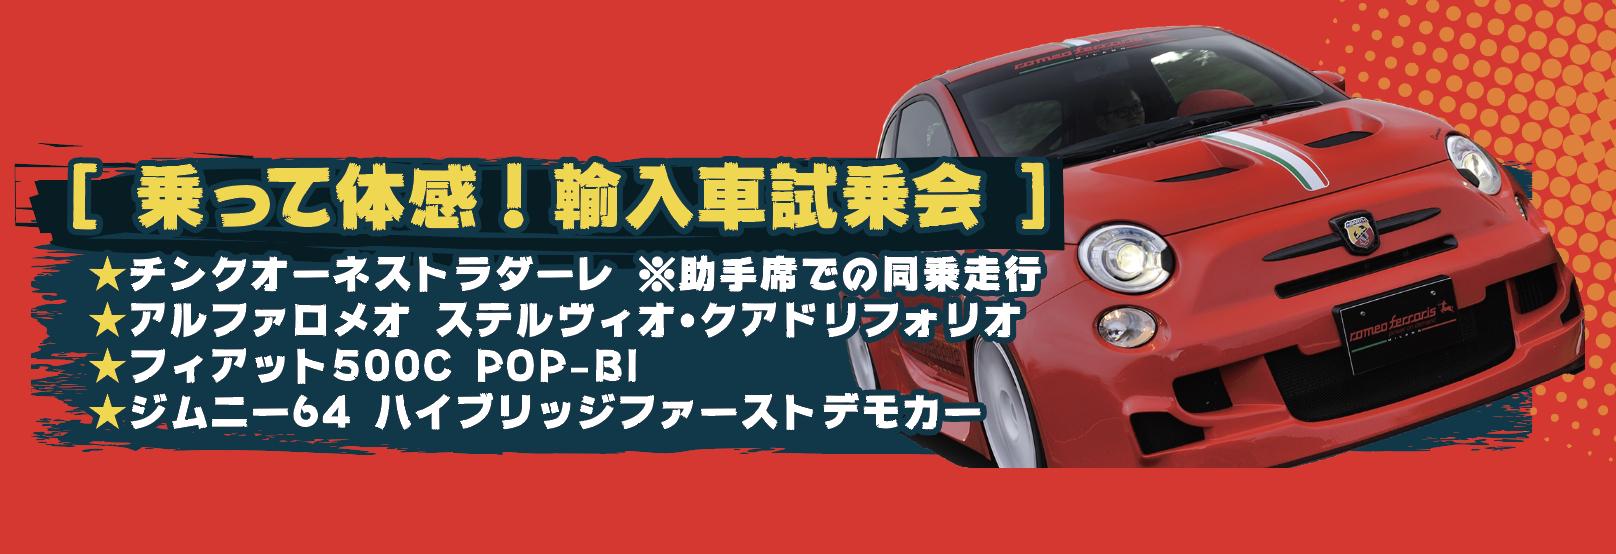 乗って体感! 輸入車試乗会!!